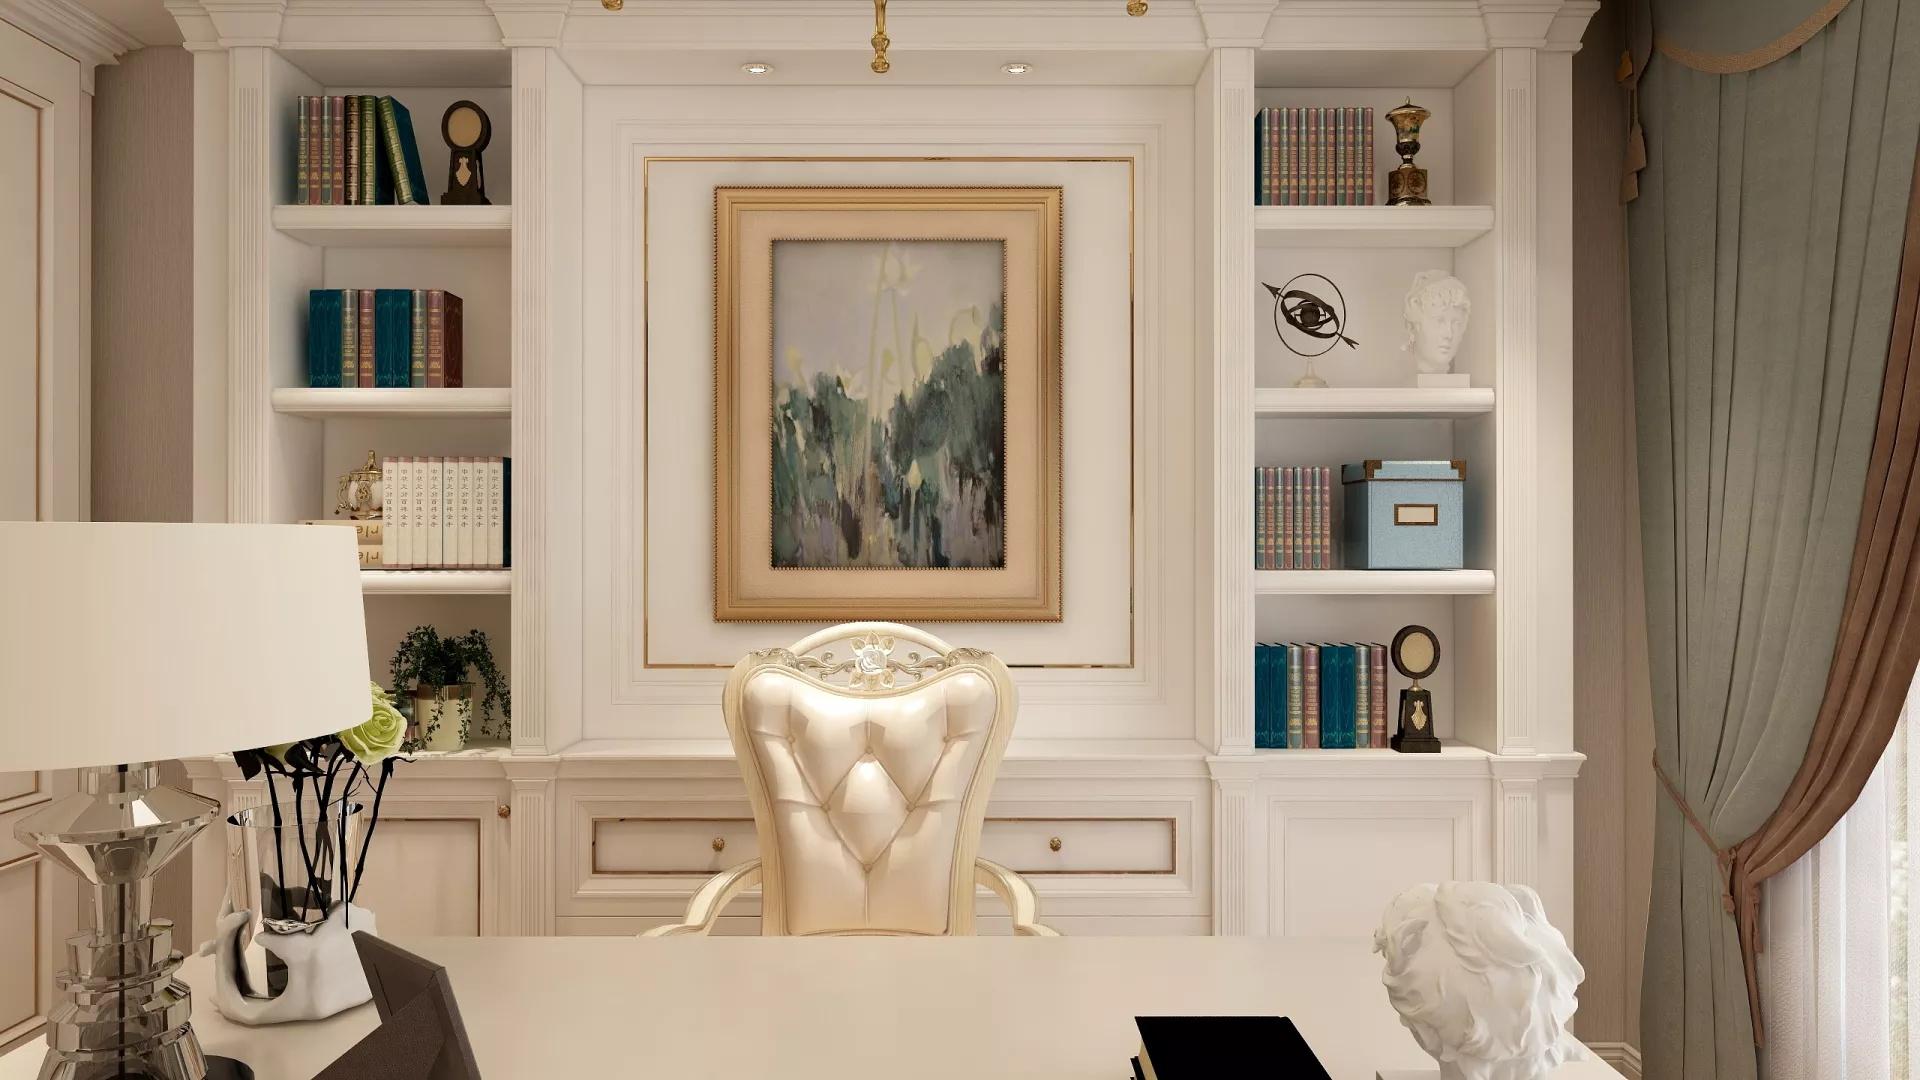 典雅现代简欧式混搭风格开放式家居设计效果图